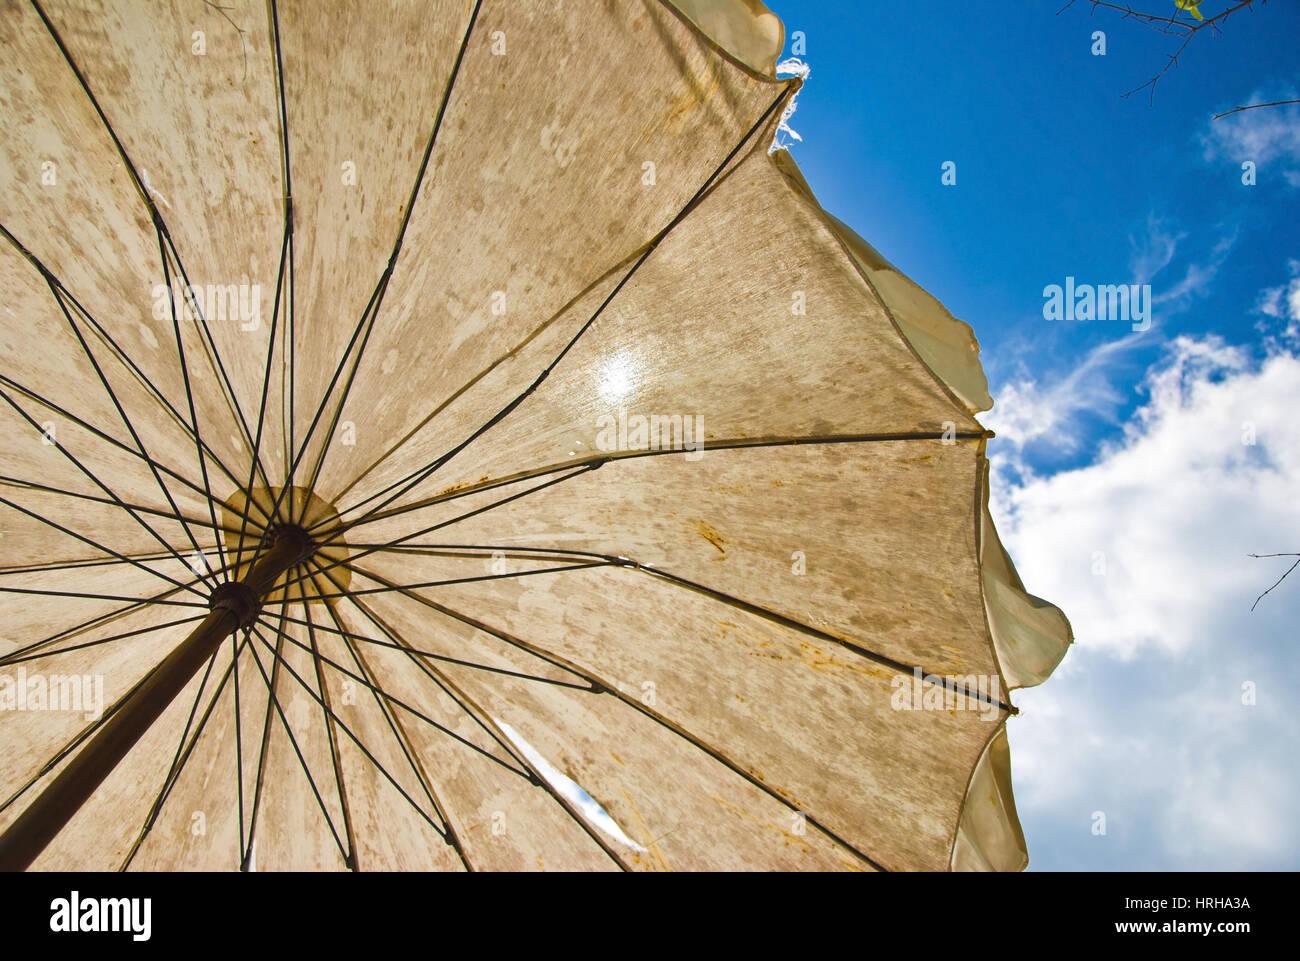 Sonnenschirm - sunshade Stock Photo